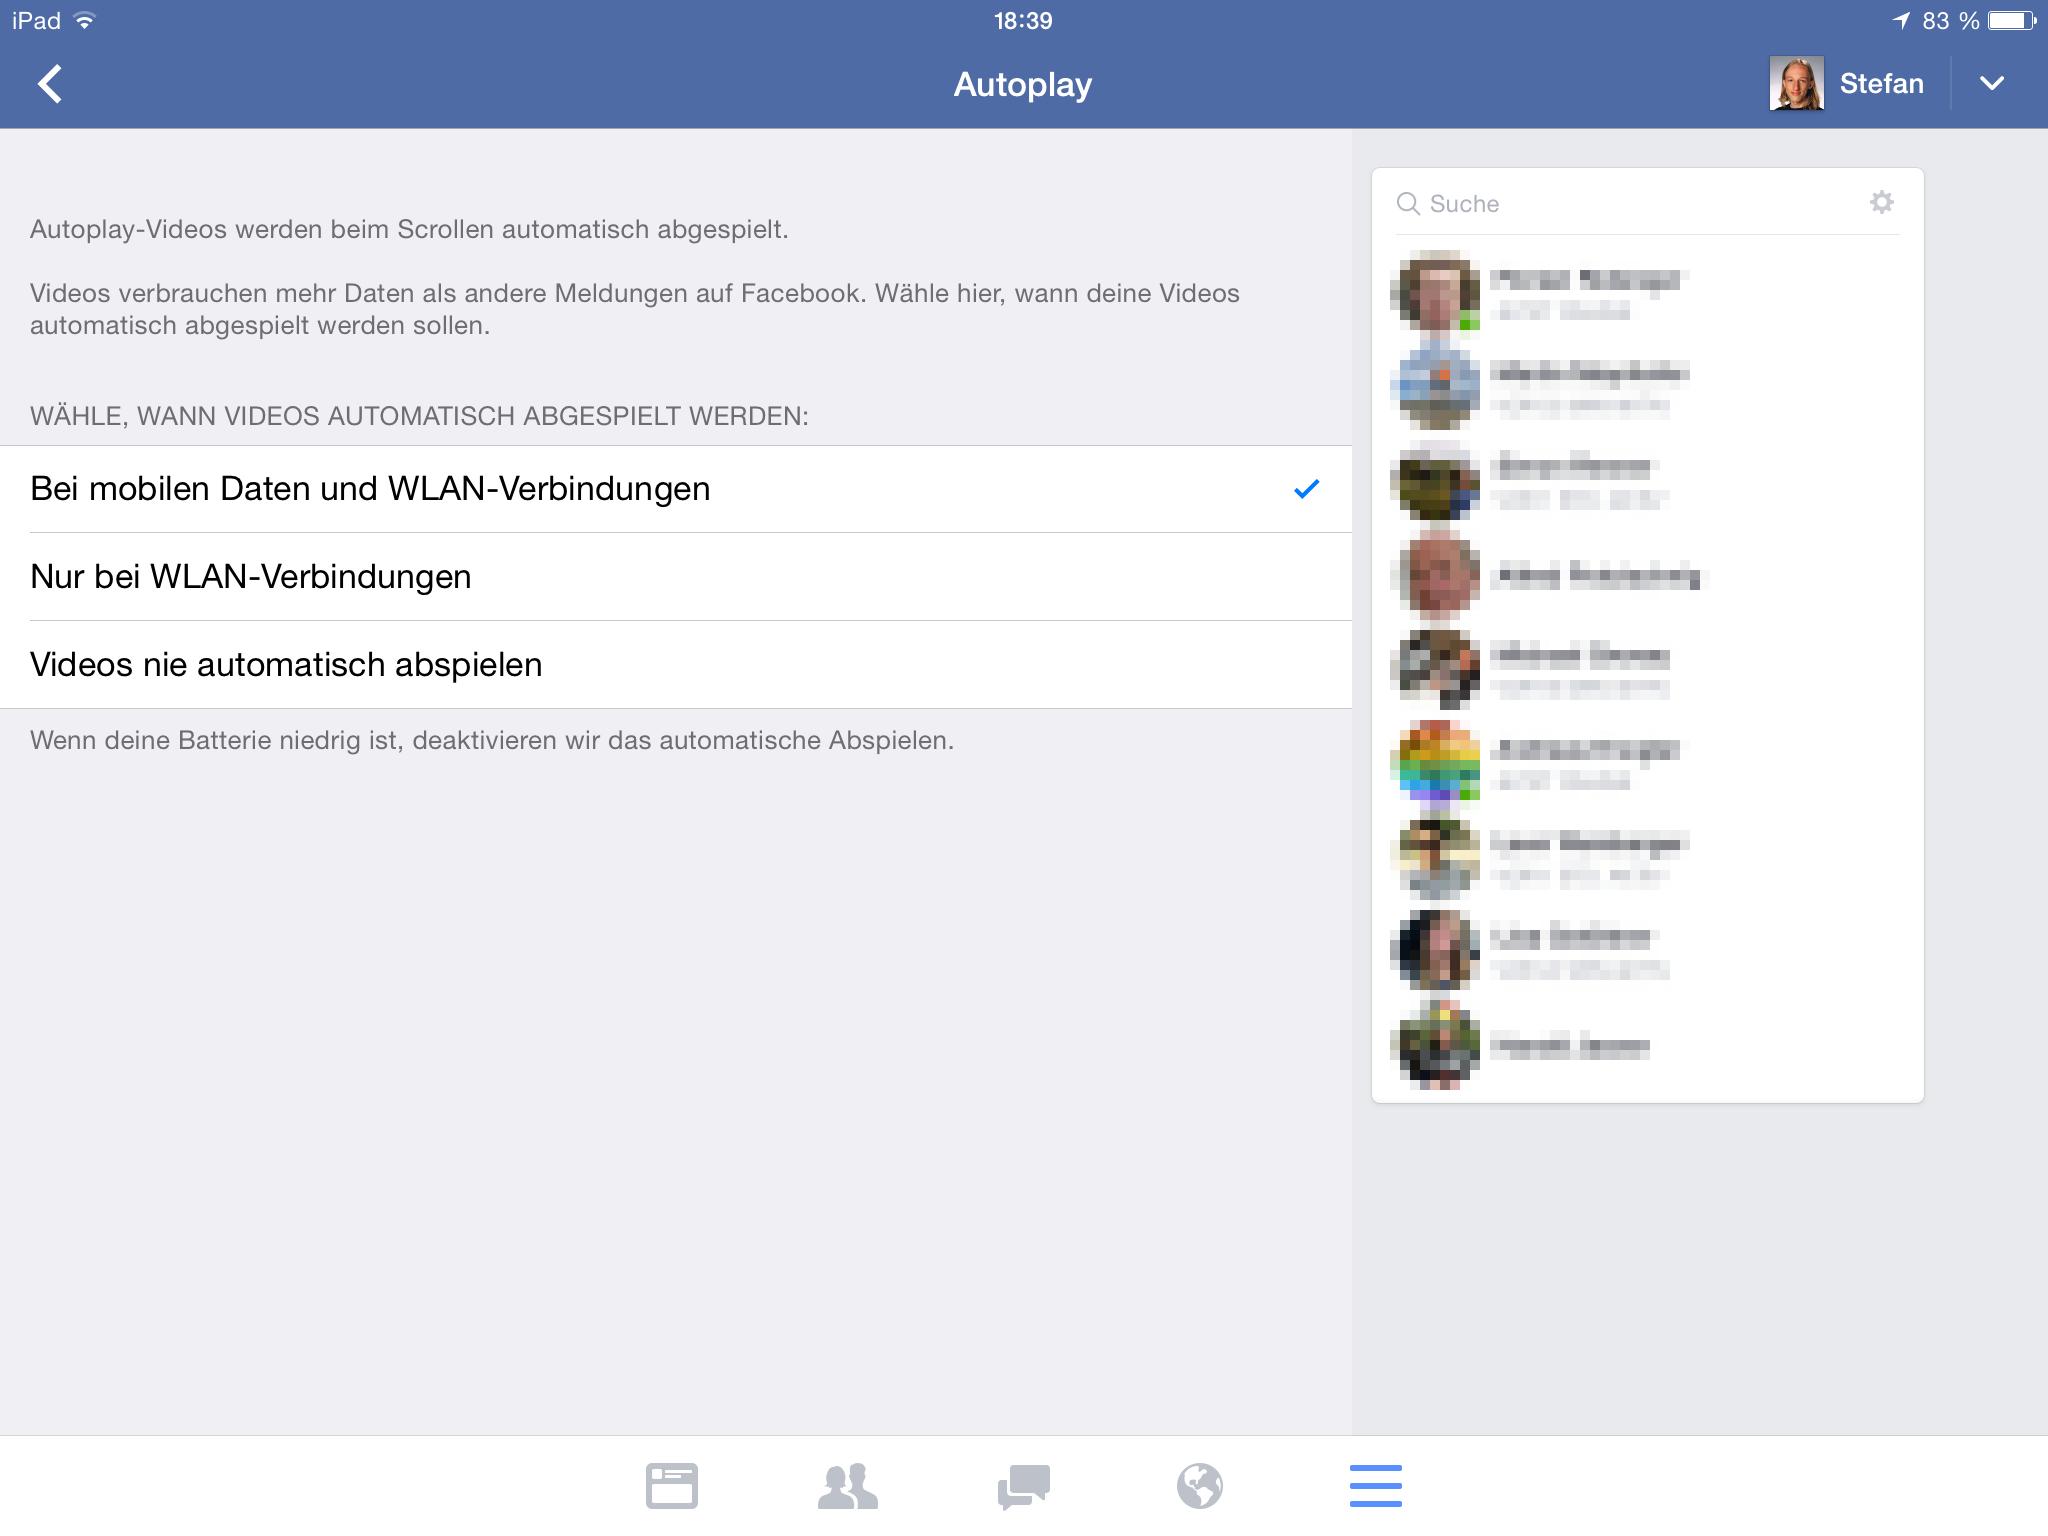 meldung facebook fuer schickt videos fernseher